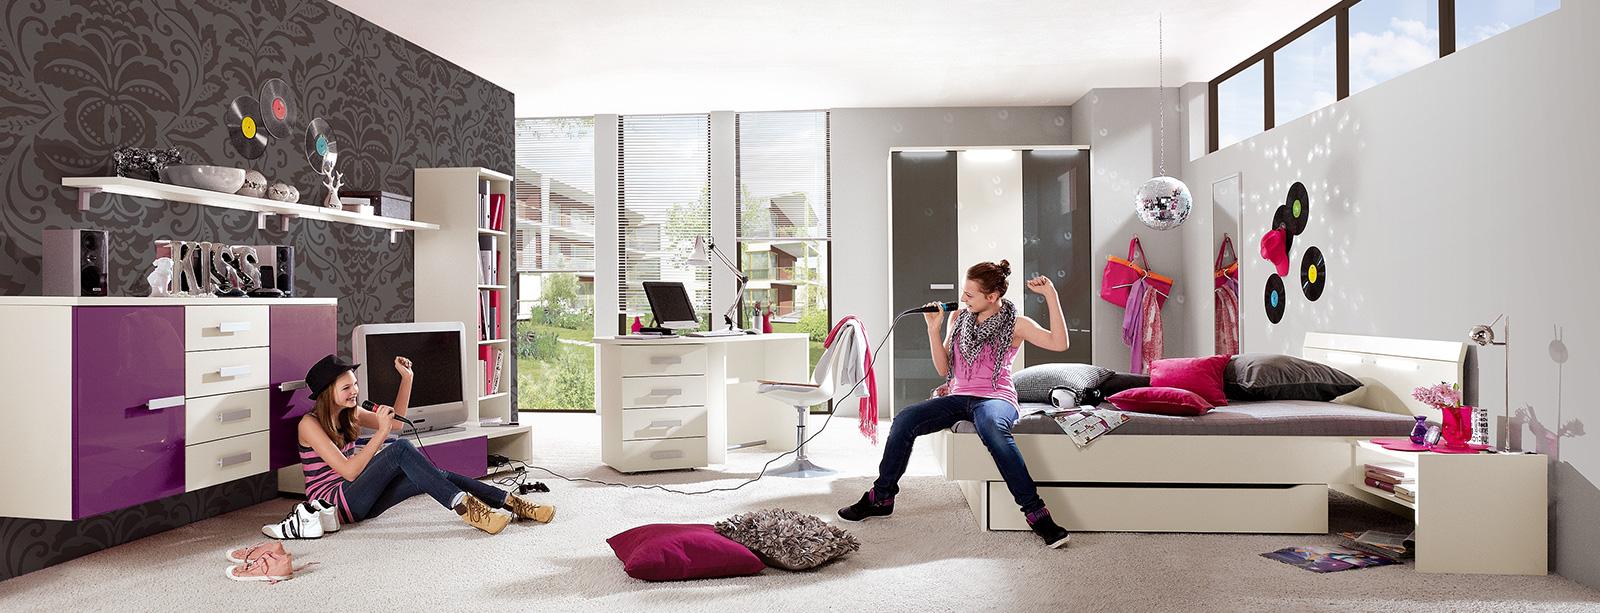 jugendzimmer beim bel und bettcouchen einrichtungshaus schreiner in wallersdorf. Black Bedroom Furniture Sets. Home Design Ideas